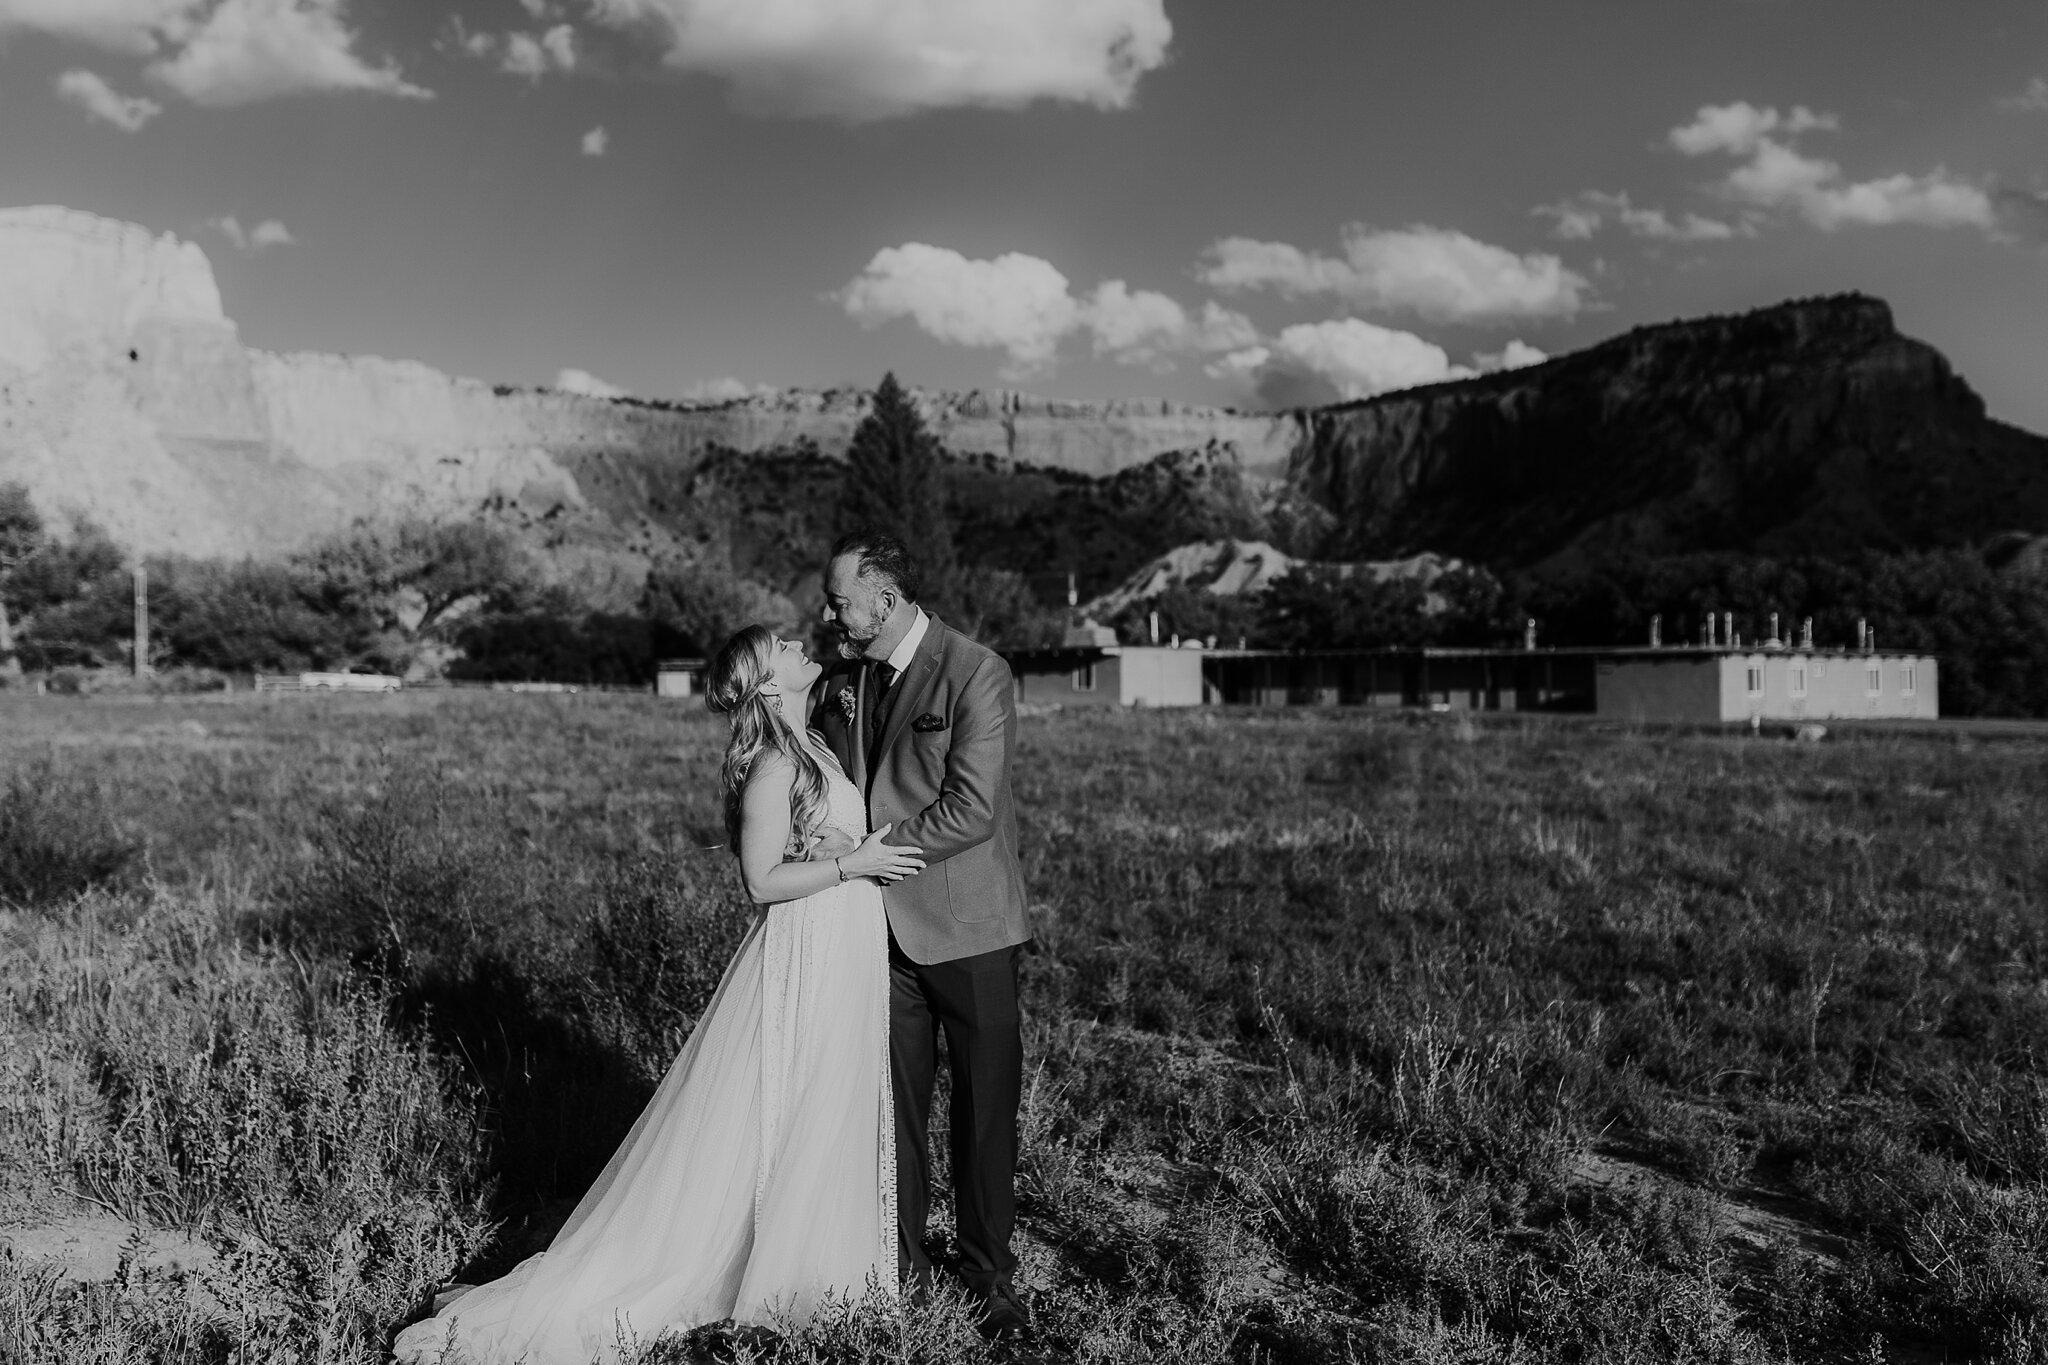 Alicia+lucia+photography+-+albuquerque+wedding+photographer+-+santa+fe+wedding+photography+-+new+mexico+wedding+photographer+-+new+mexico+wedding+-+wedding+-+santa+fe+wedding+-+ghost+ranch+-+ghost+ranch+wedding+-+fall+wedding_0052.jpg